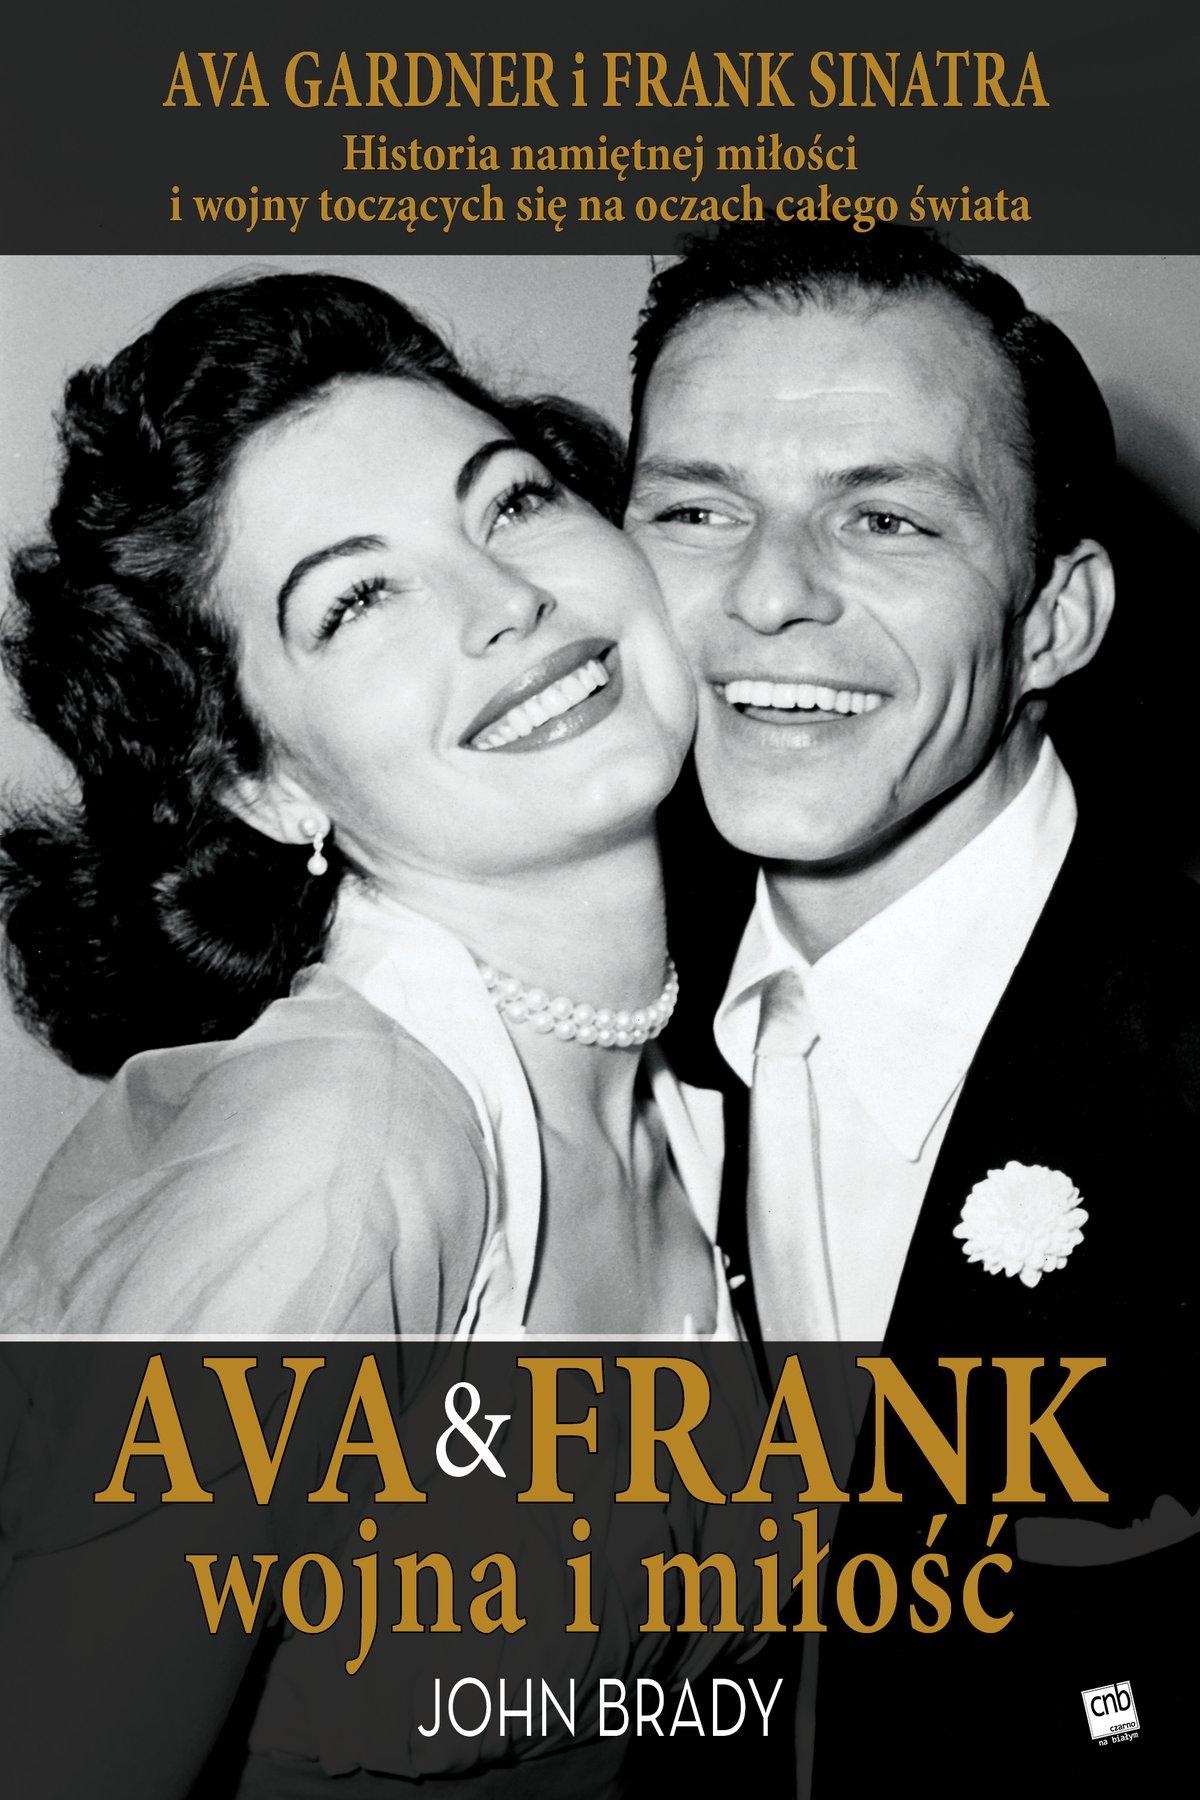 Ava&Frank: Wojna i miłość - Ebook (Książka EPUB) do pobrania w formacie EPUB